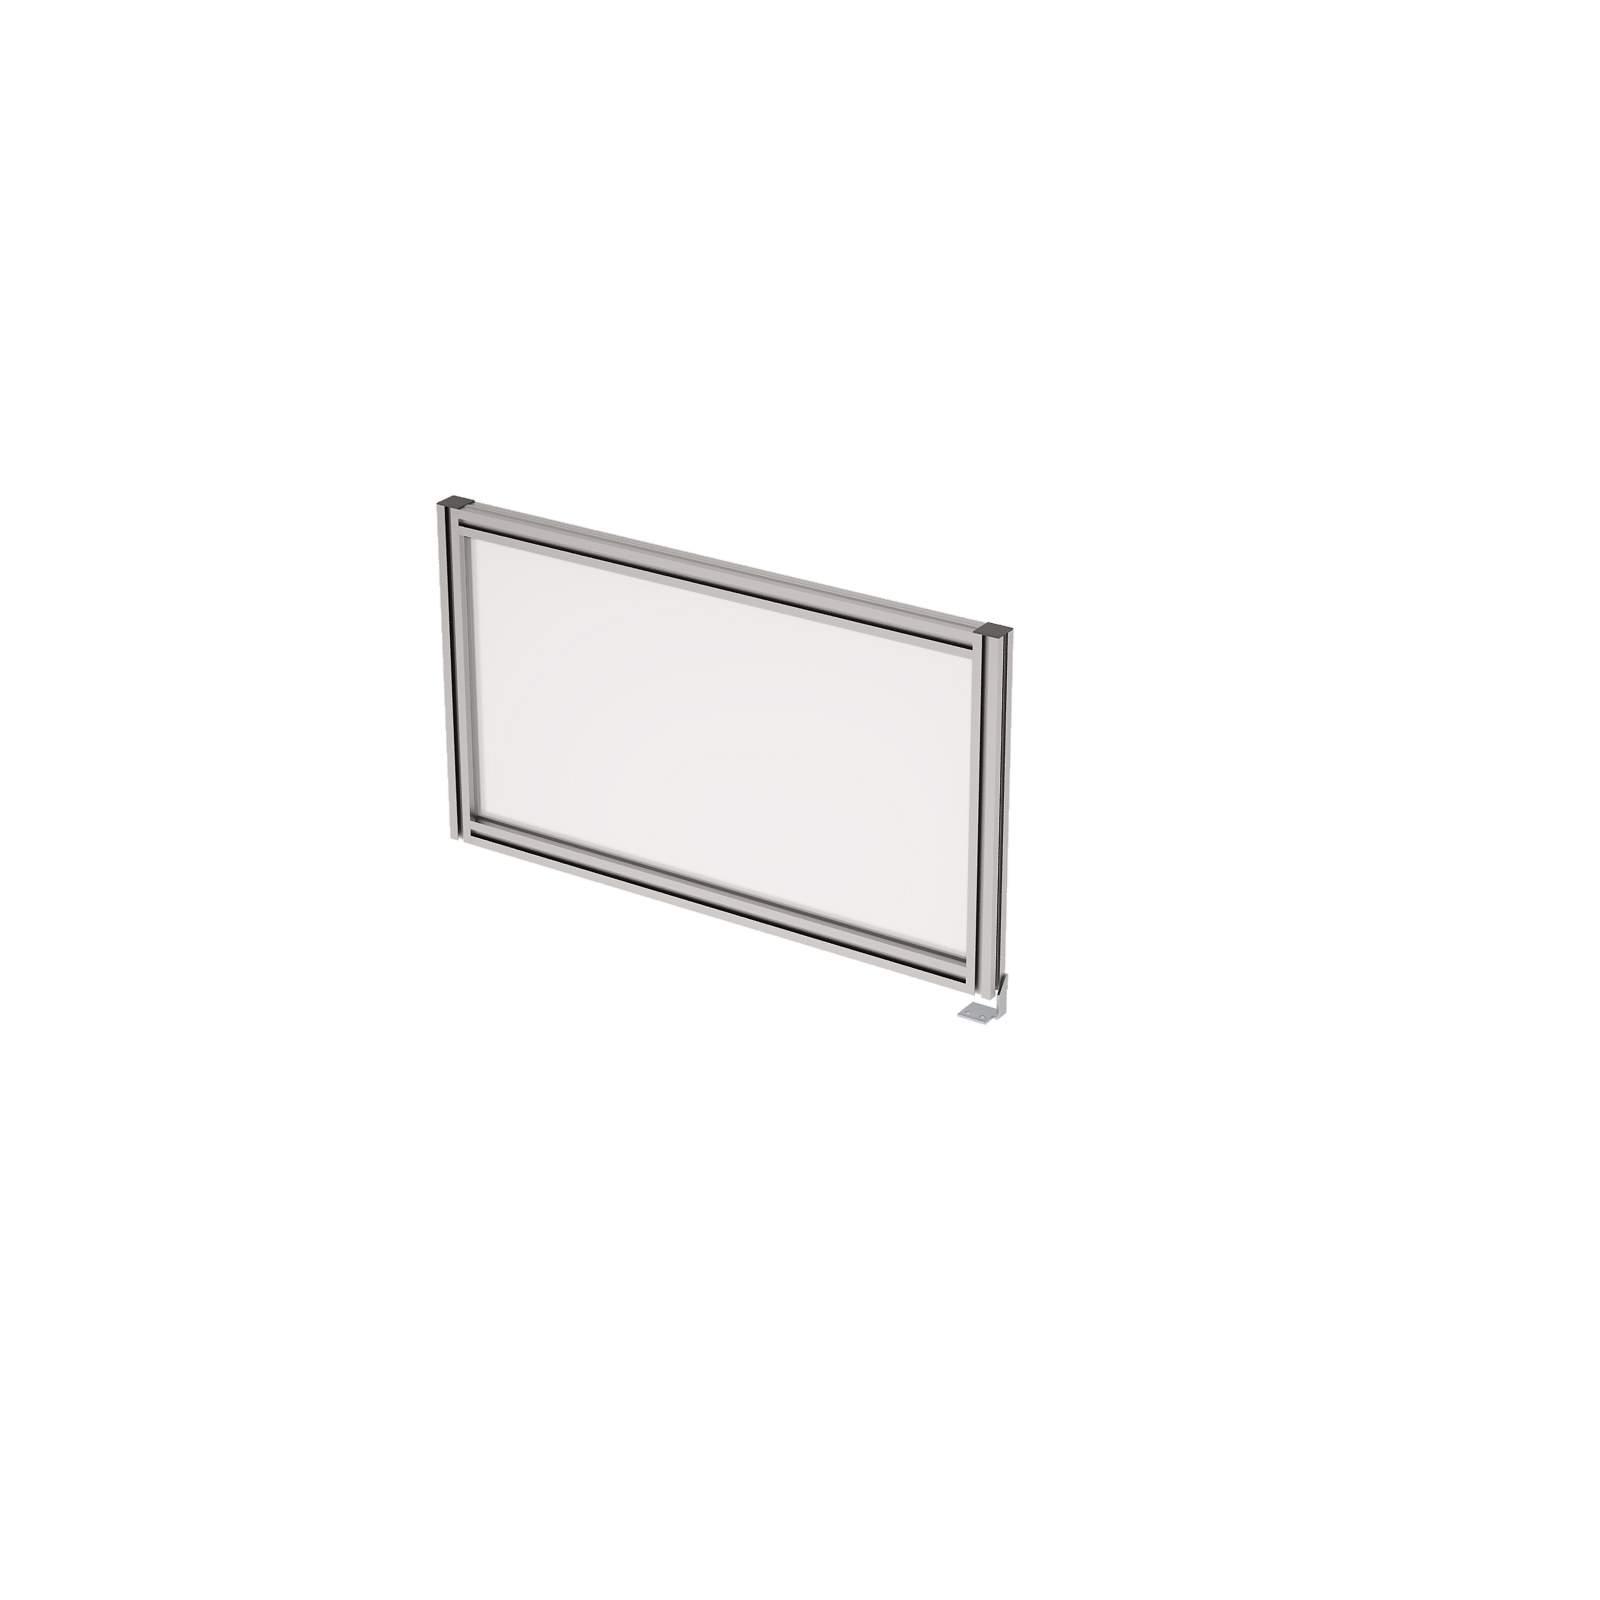 Барьер боковой в алюминиевом профиле, вставка стекло матовое 700х400х29